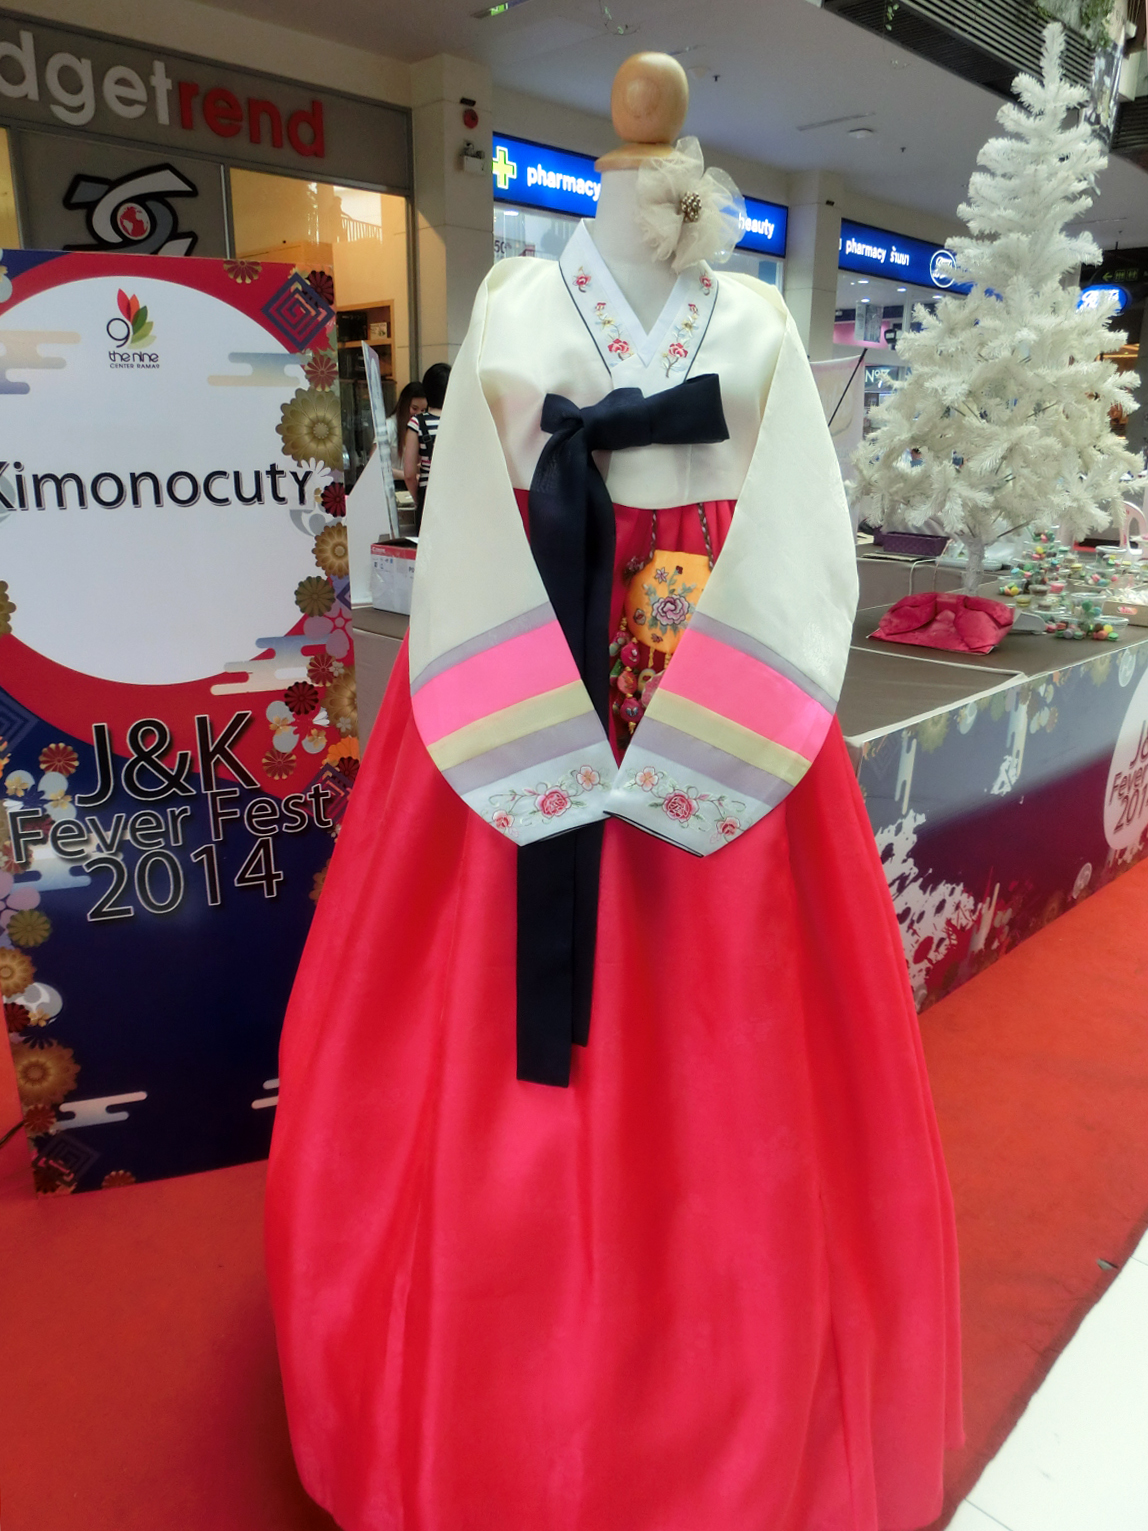 Hanbok เกรด A+++ แบบต่อปลายแขนปักดอกไม้น่ารัก สำหรับคนตัวสูง 170 cm. up